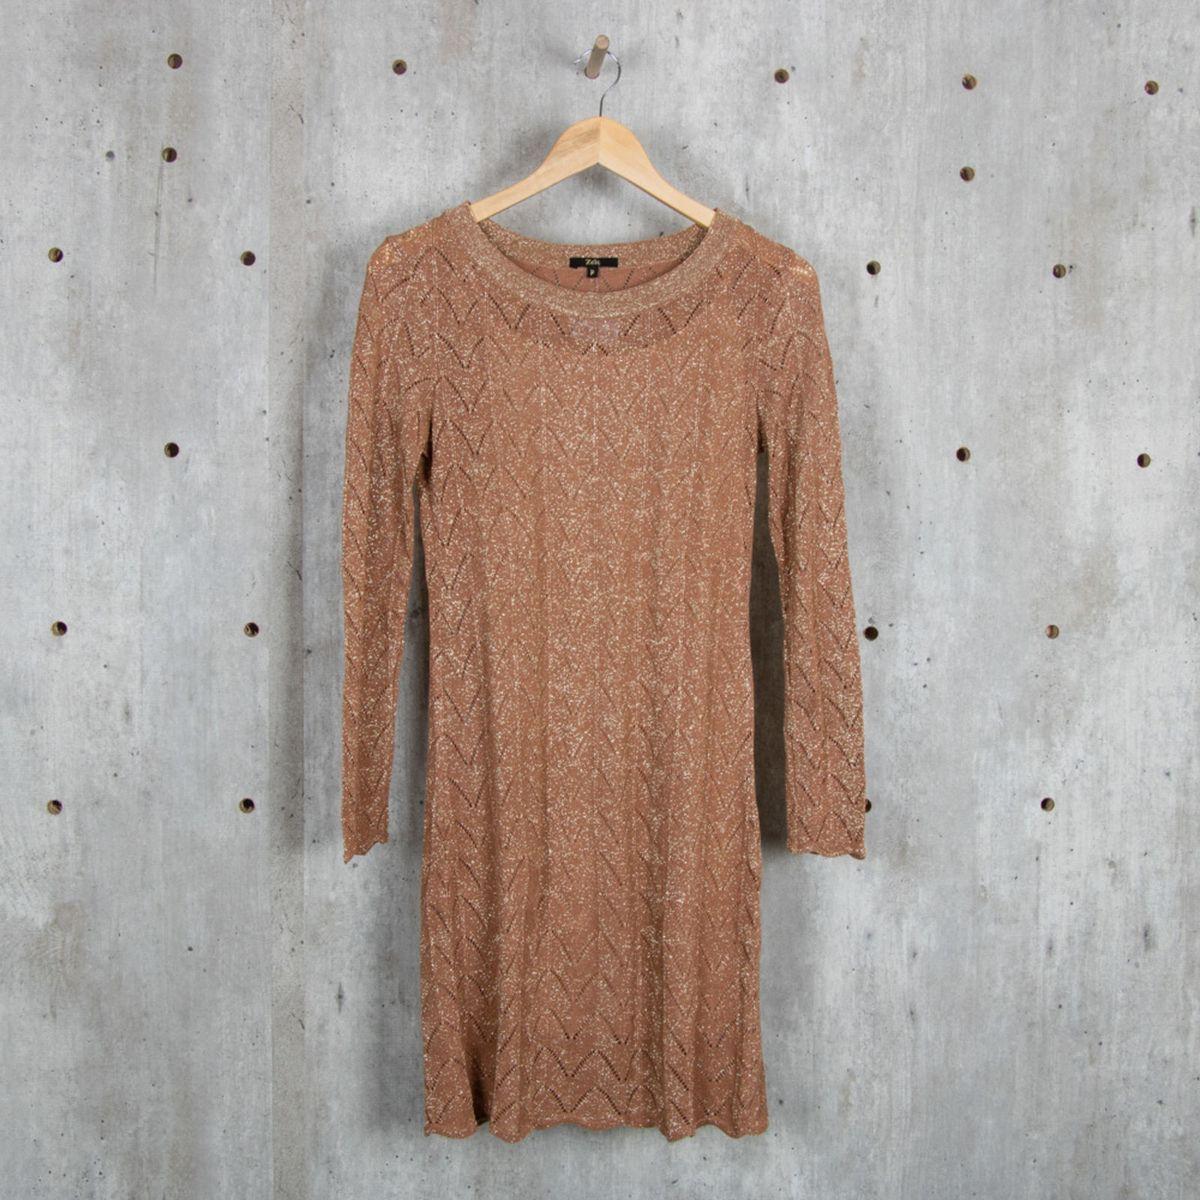 vestido brilhoso - vestidos zeit